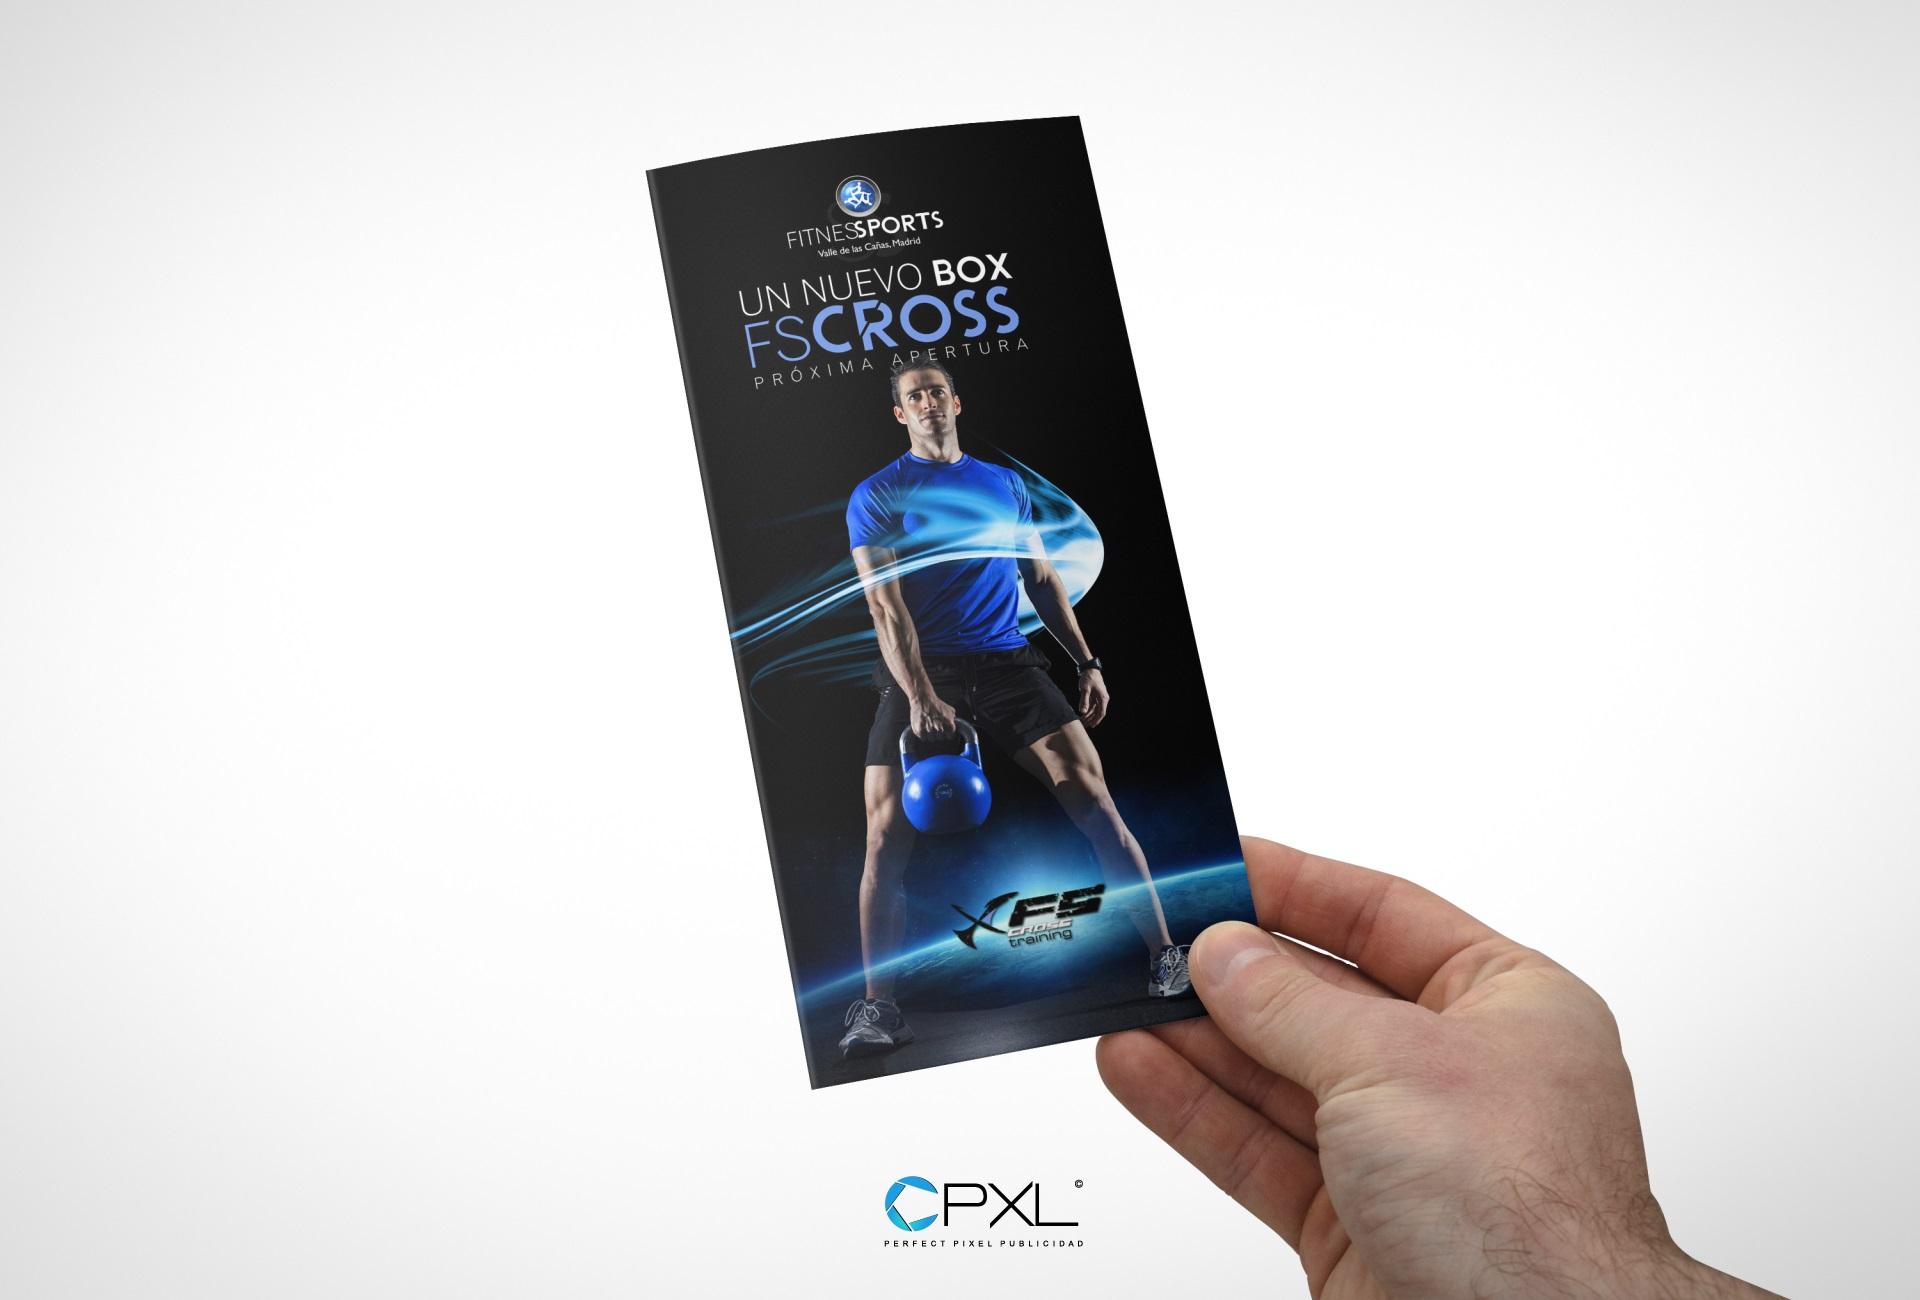 Diseño trípticos para nuevo BOX de FS Cross en Madrid (Fitness Sports Valle de las Cañas)